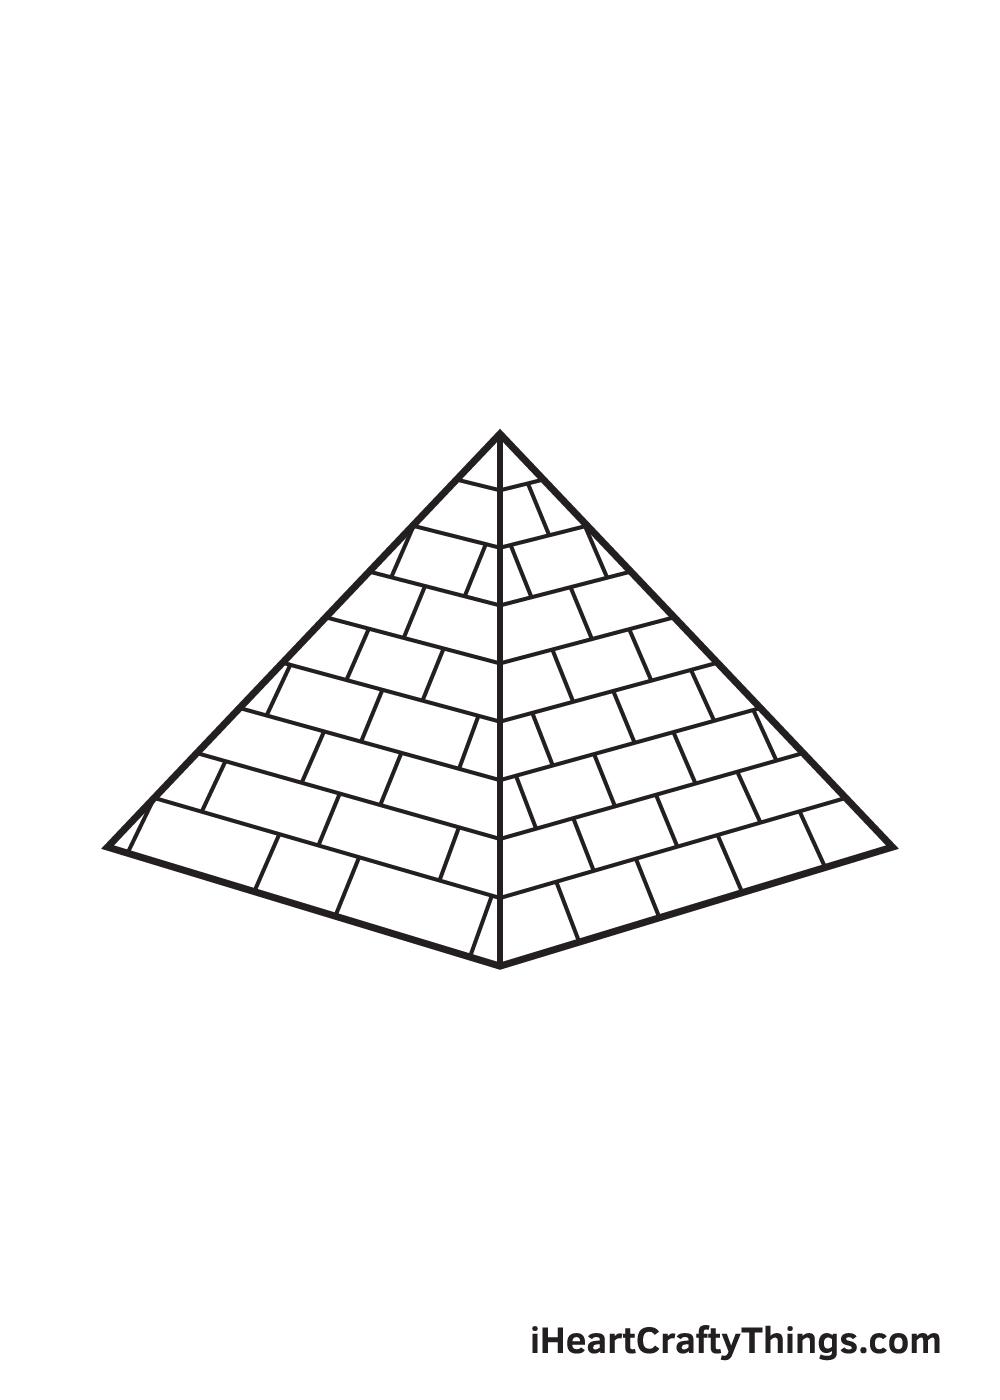 pyramid drawing step 9